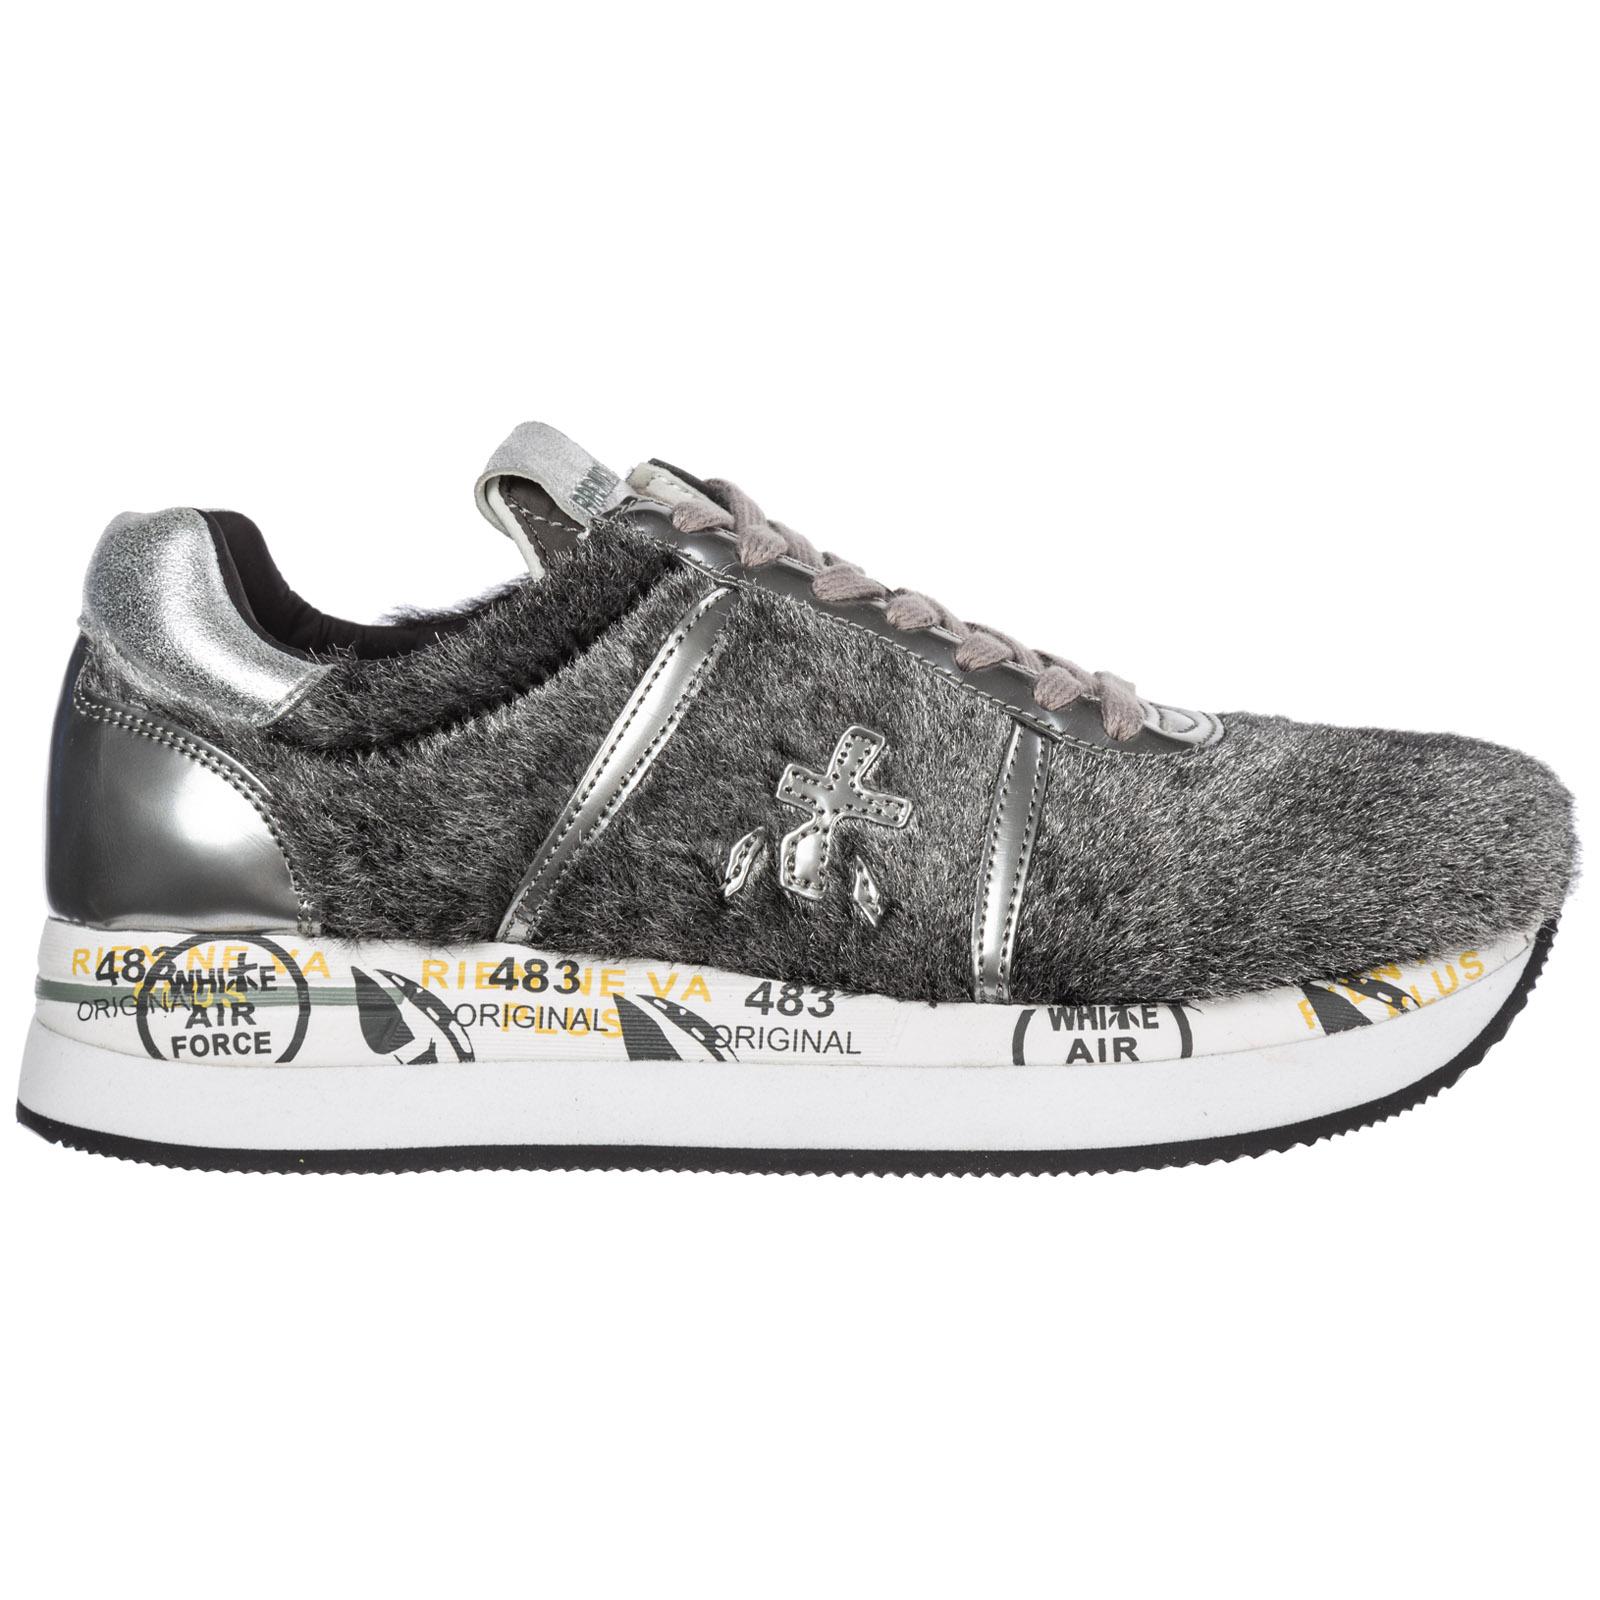 a basso prezzo 1b8b5 e7f57 Women's shoes trainers sneakers conny